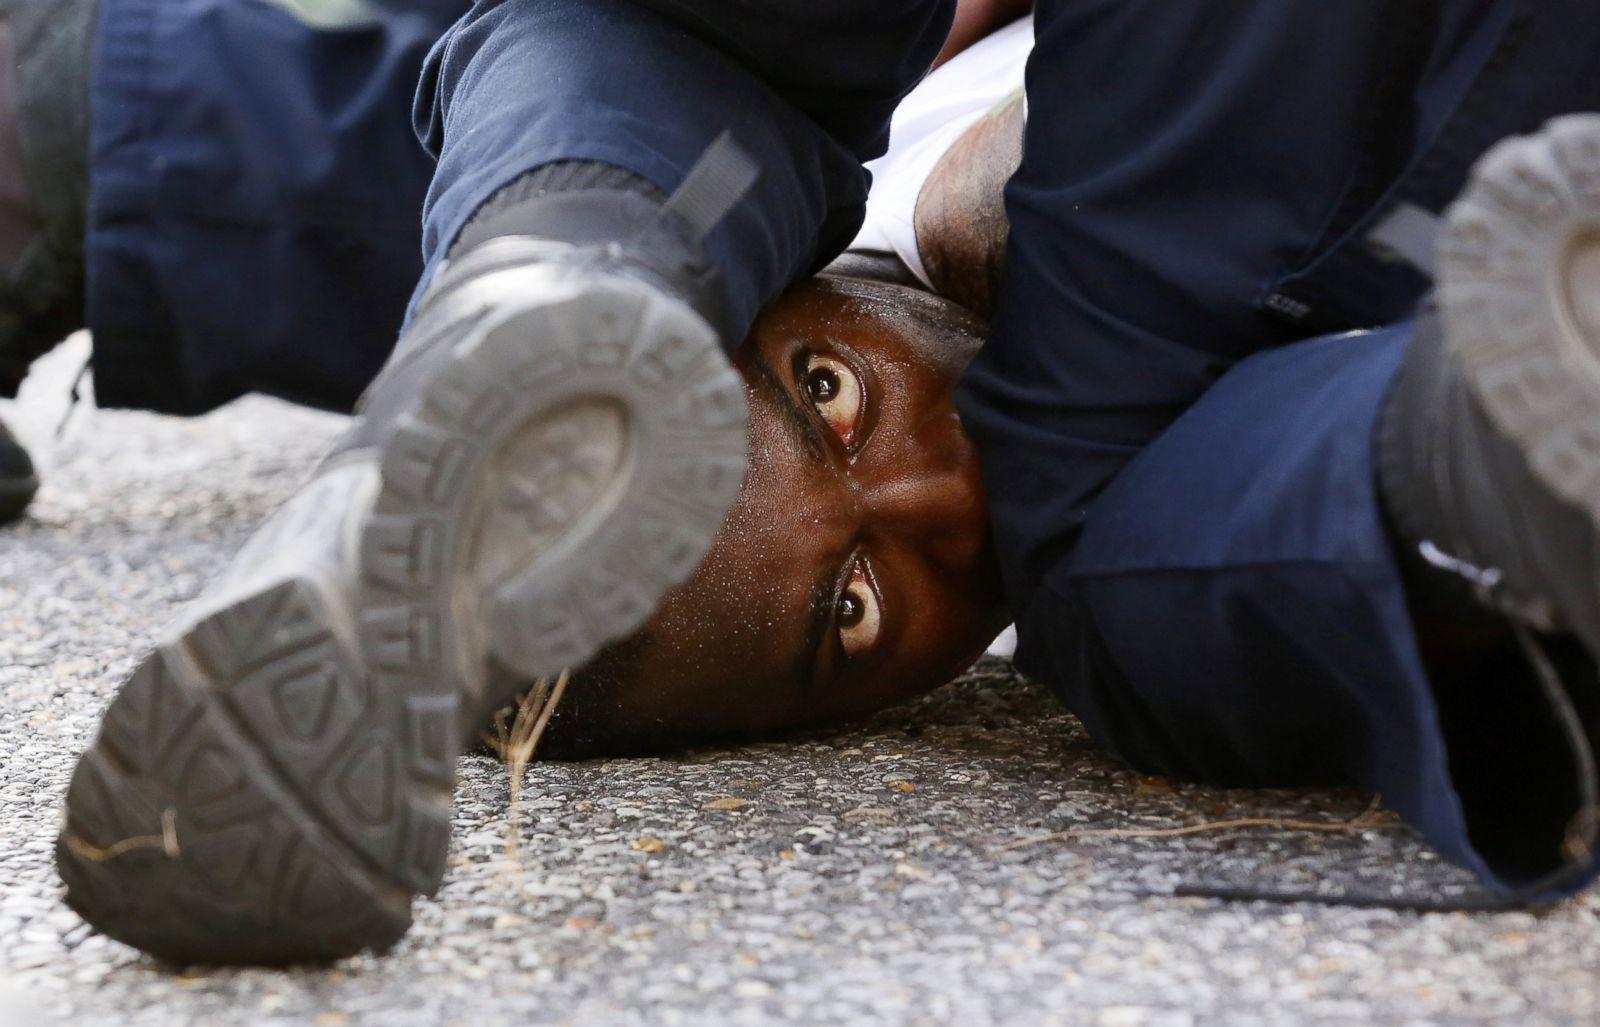 Un hombre que protestaba por la muerte a tiros de Alton Sterling es detenido por las fuerzas del orden cerca de la sede del Departamento de Policía de Baton Rouge en Baton Rouge, Luisiana, el 9 de julio de 2016. Fotografía: Jonathan Bachman/Reuters